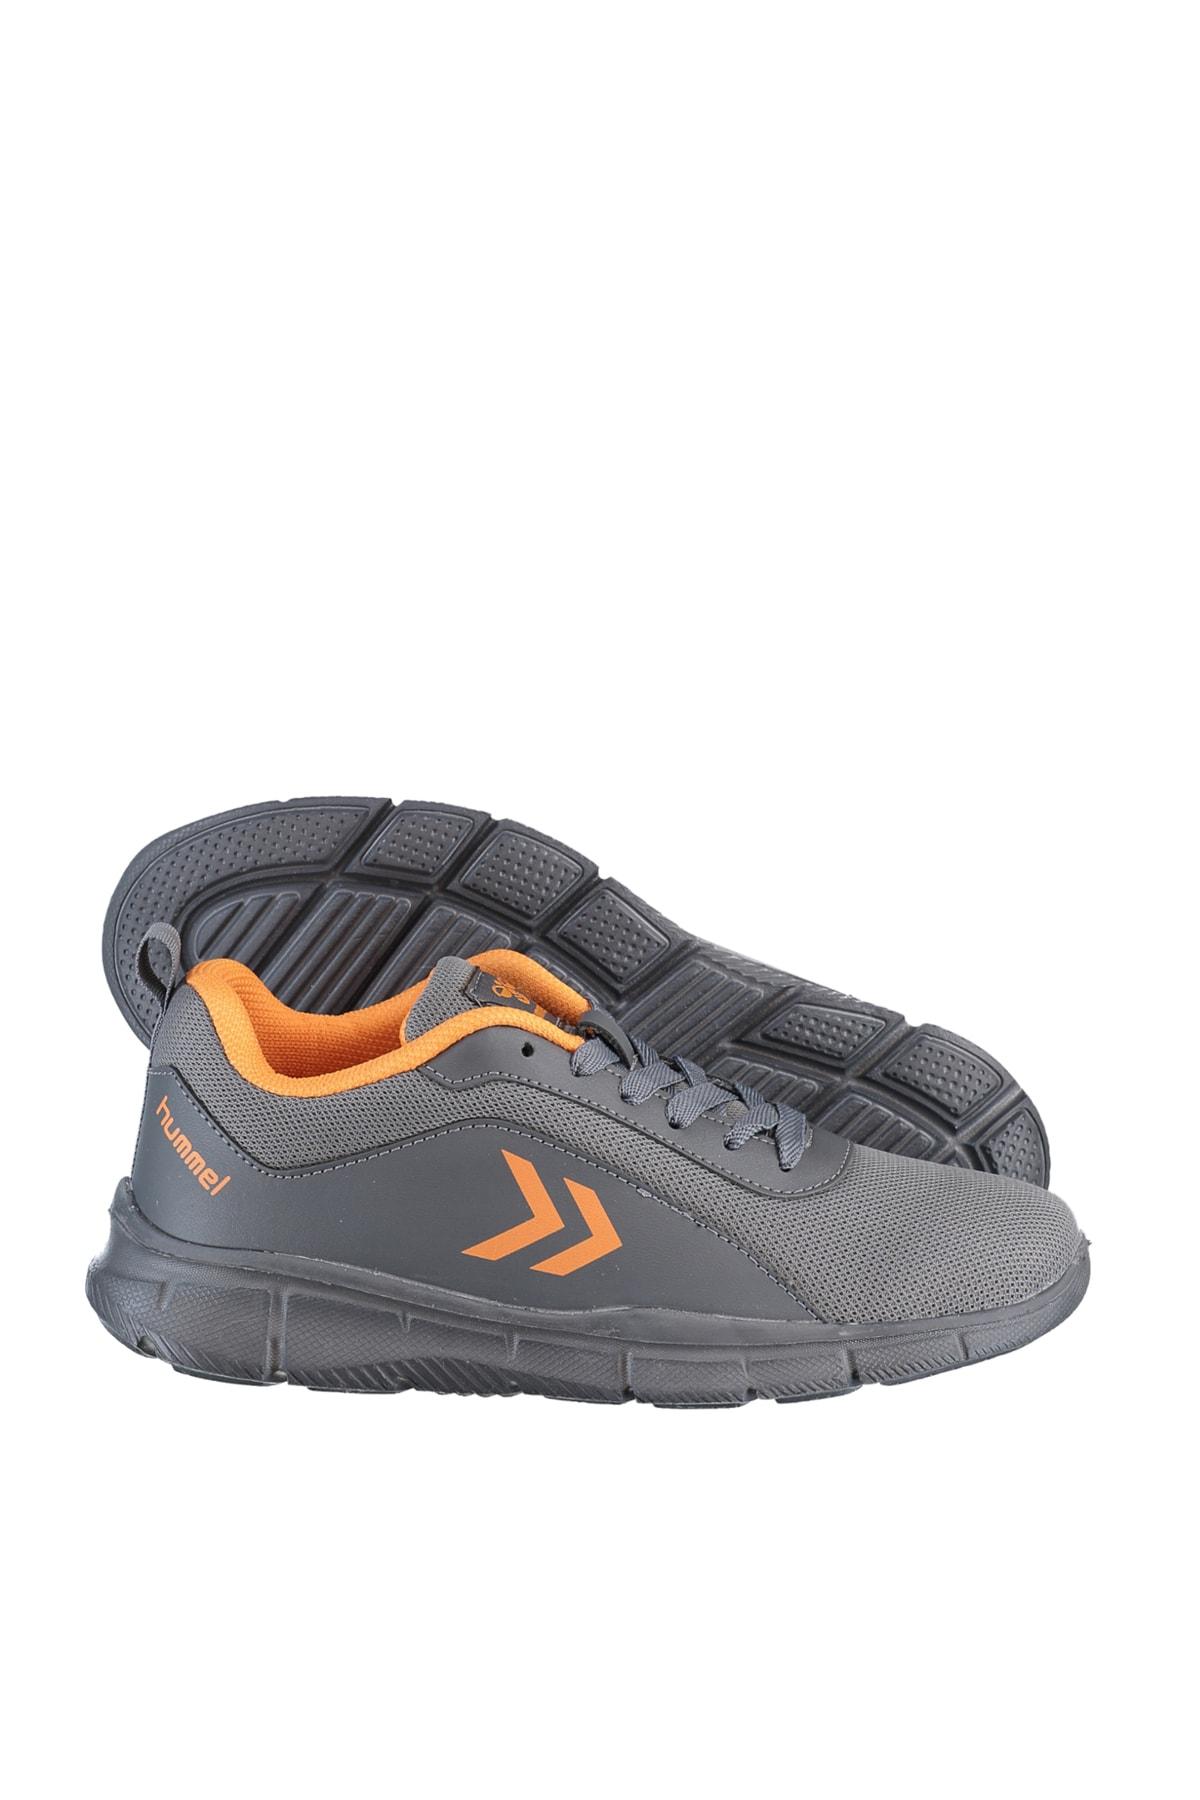 HUMMEL Unisex Gri Spor Ayakkabı - Hml Ismir - 212151 2